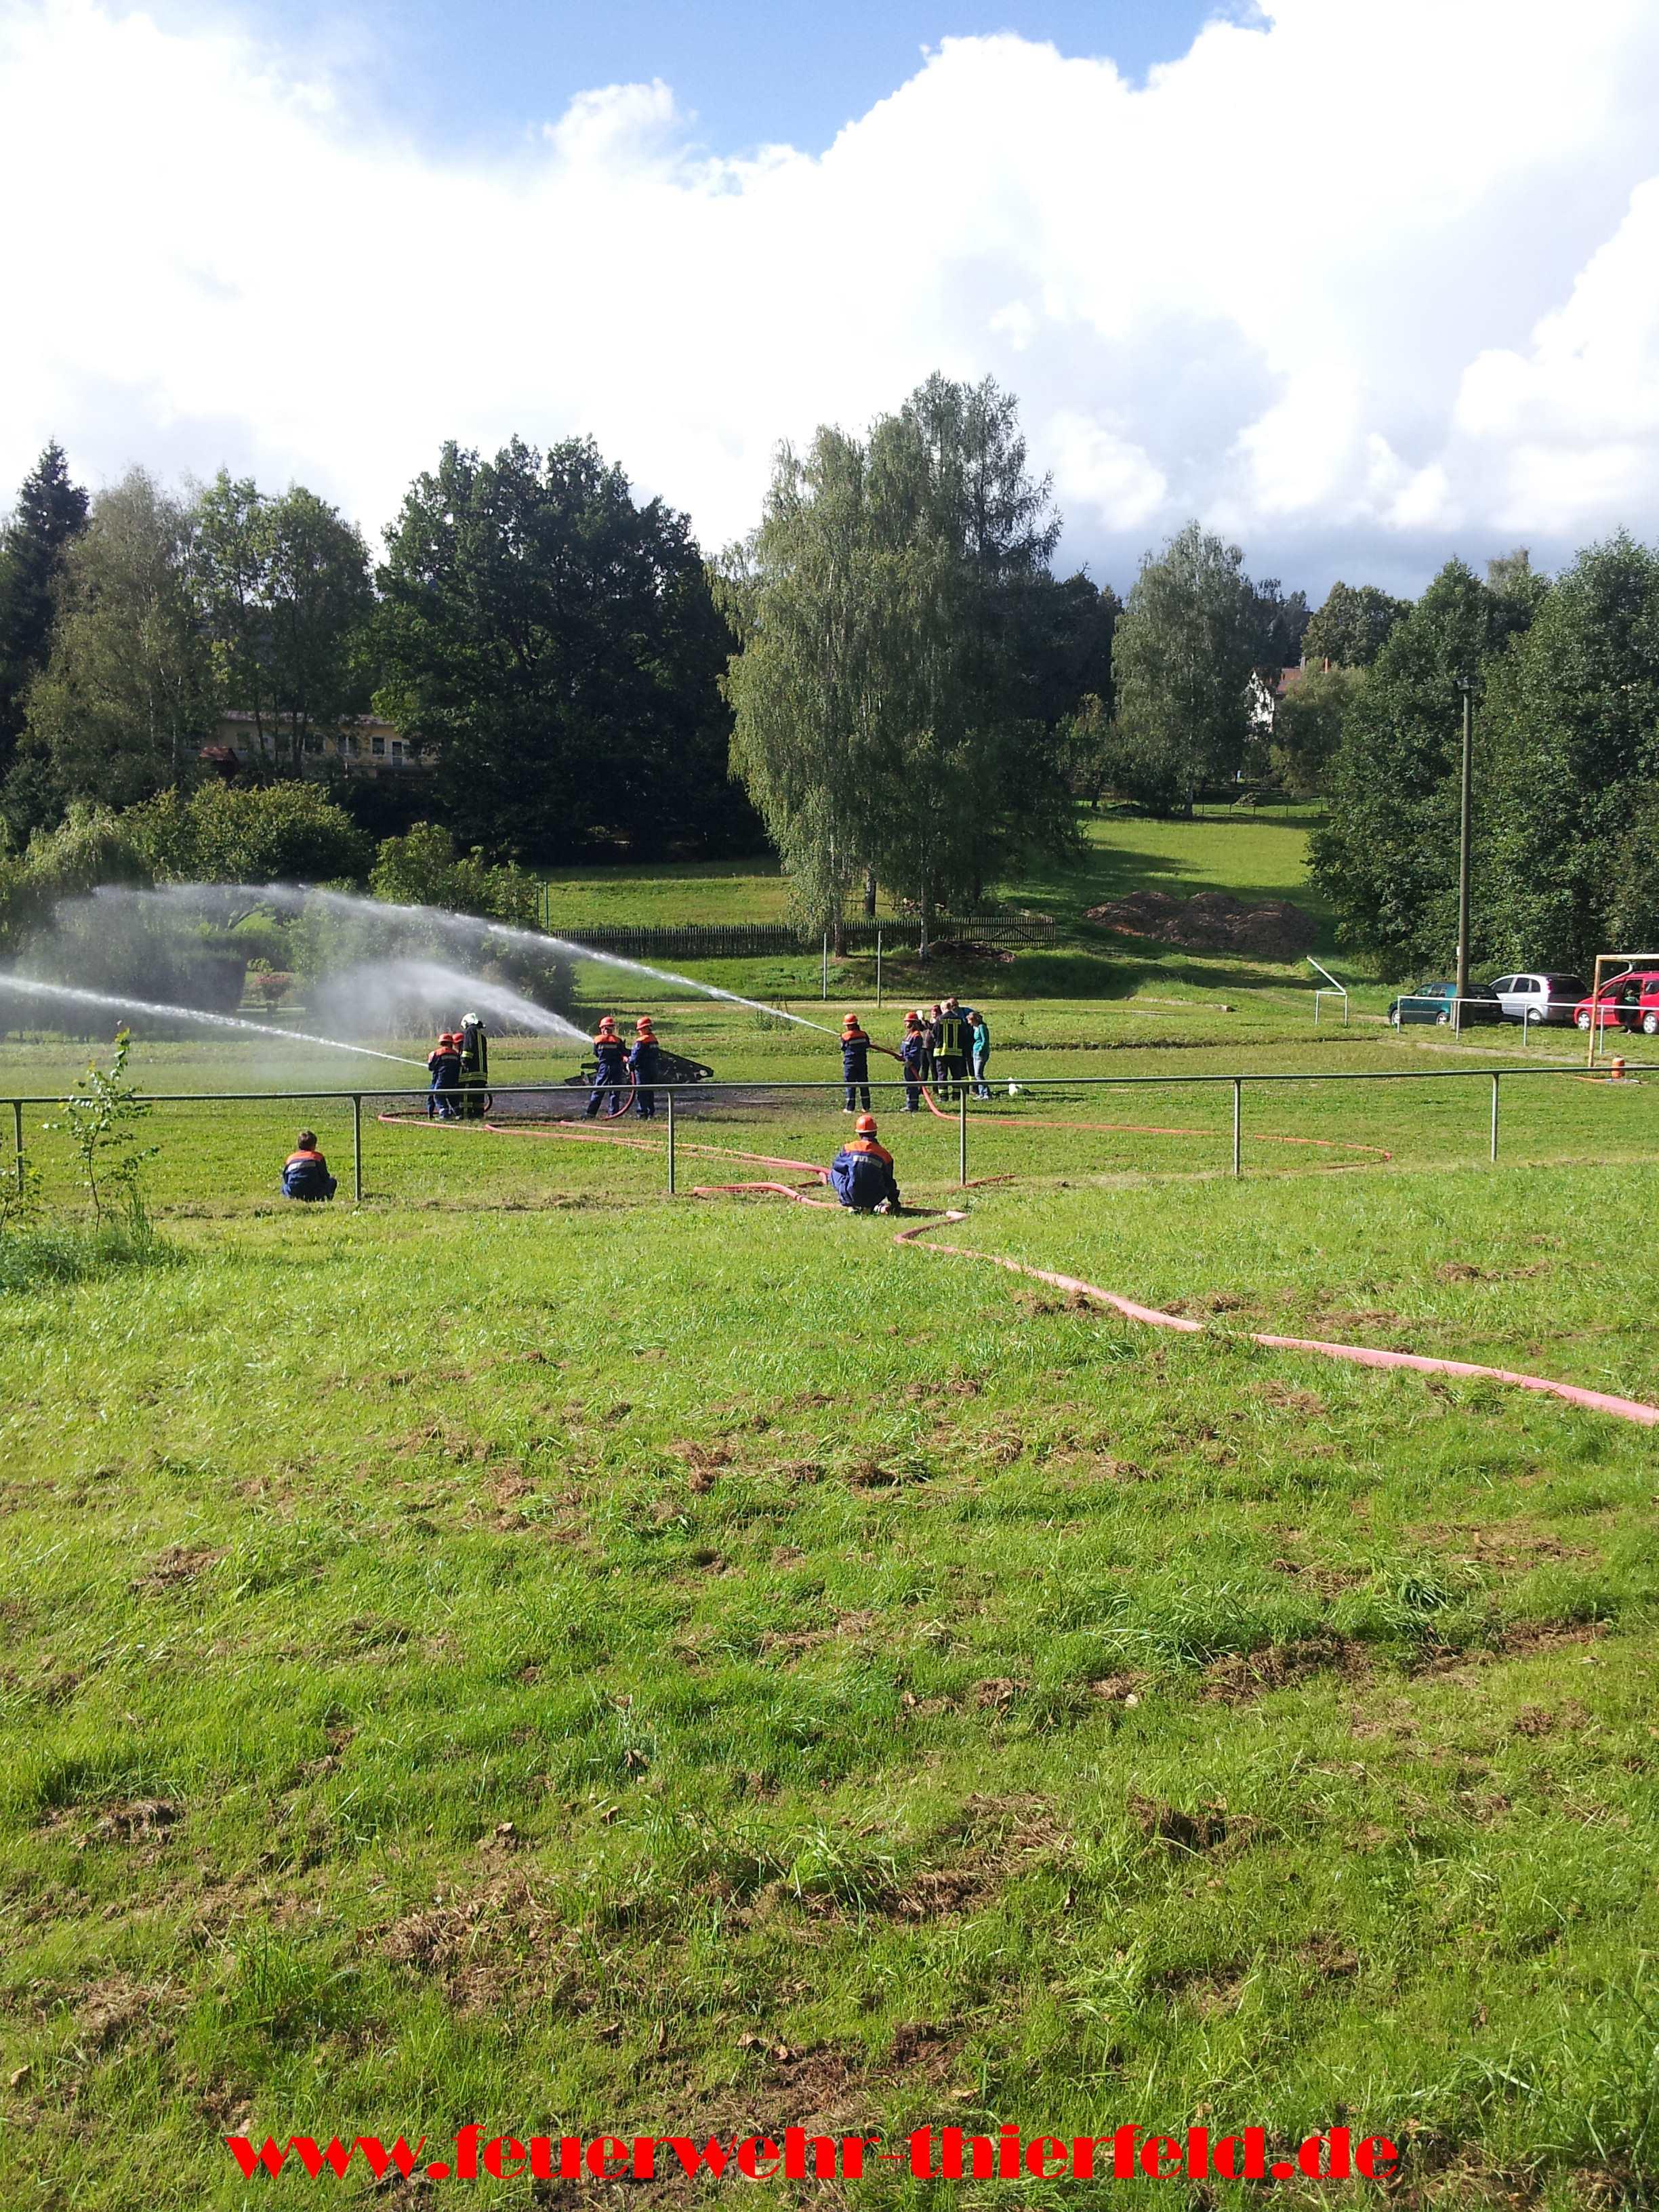 Erlebniswochenende der Jugendfeuerwehr Thierfeld 2014